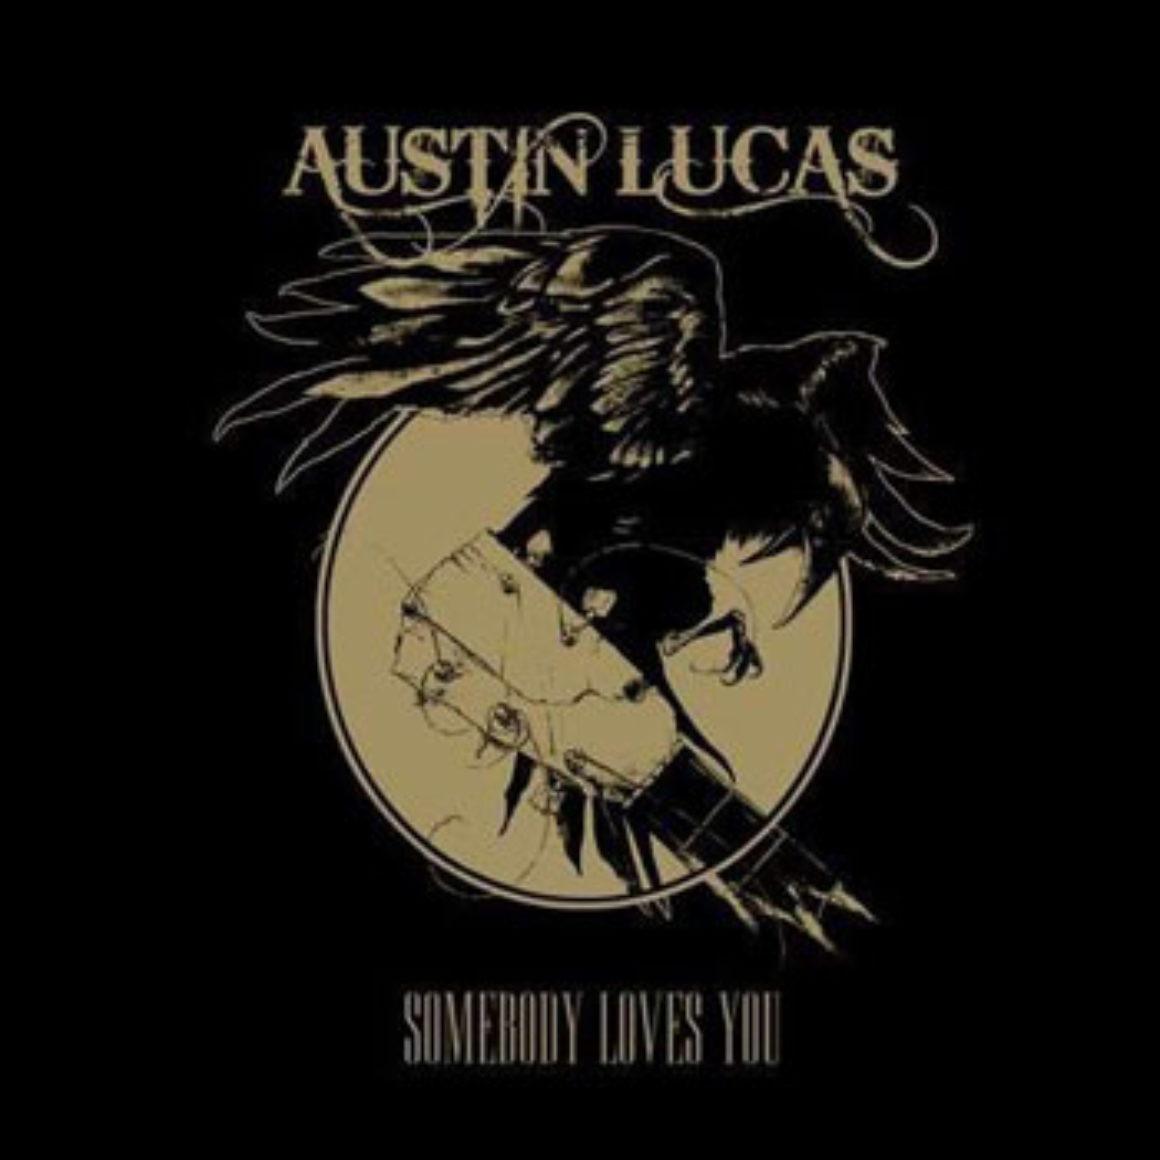 Austin Lucas - Somebody Loves You